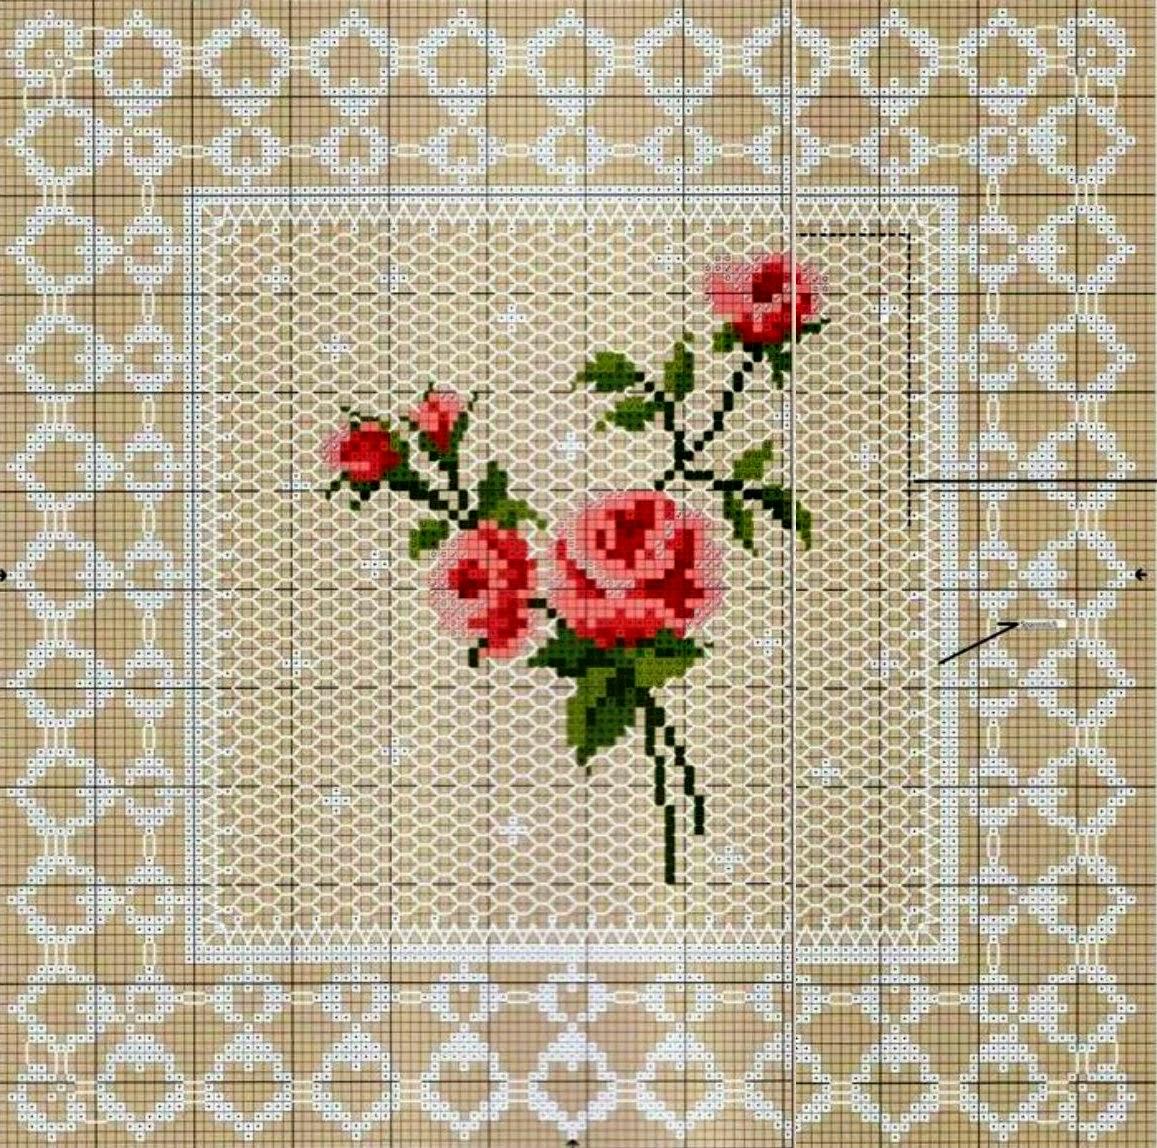 Милые сердцу штучки: Вышивка крестом: Нежные розочки в стиле 33